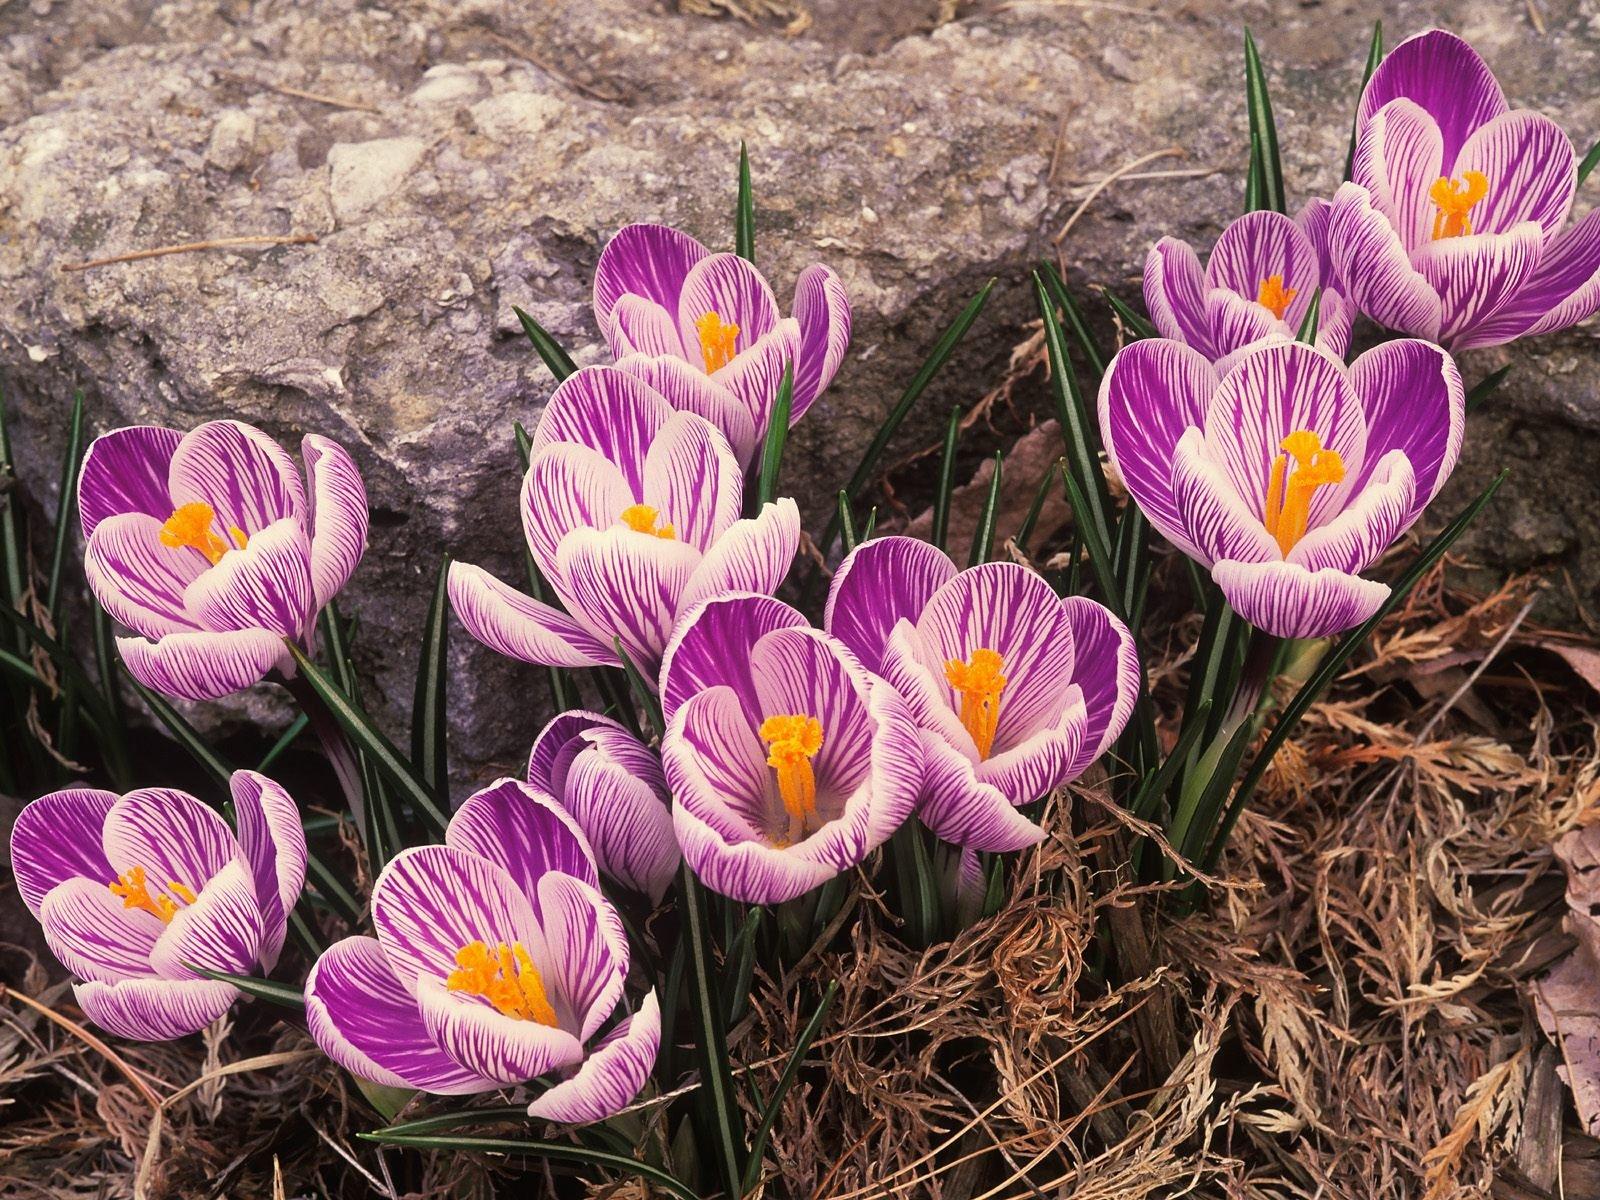 Картинки о весне на рабочий стол красивые